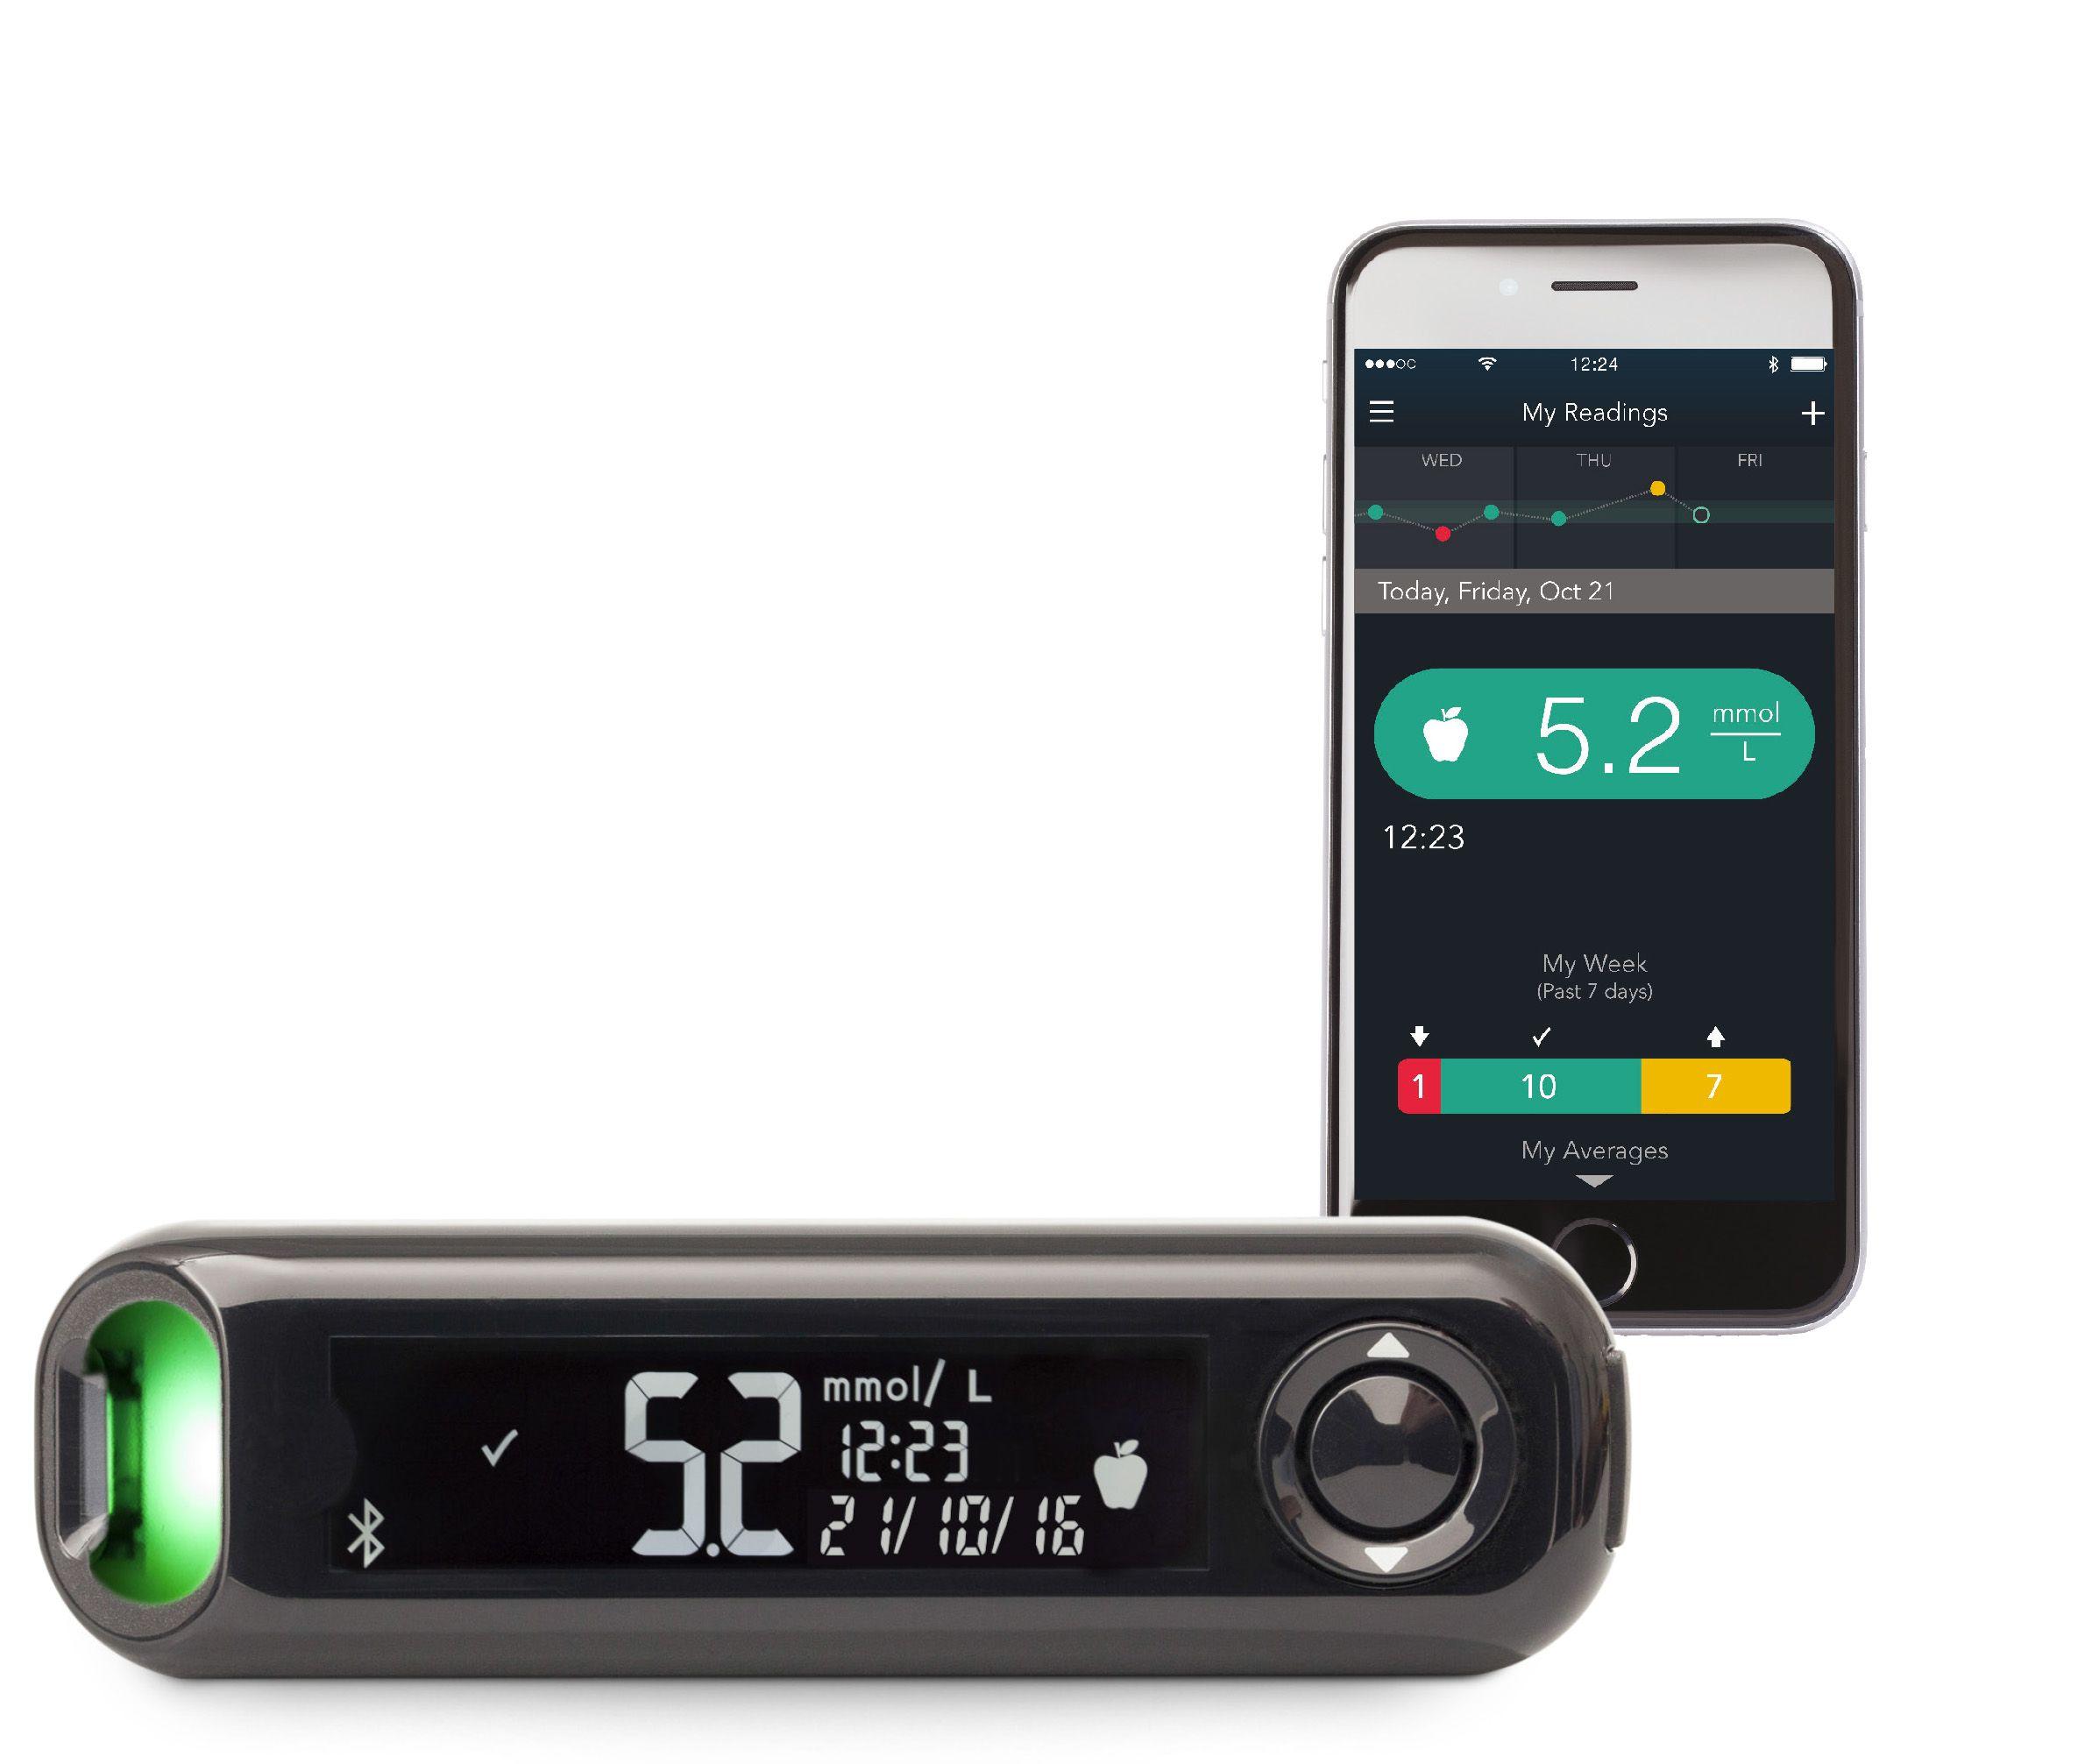 Ascensia launches 'smarter' version of CONTOUR®DIABETES